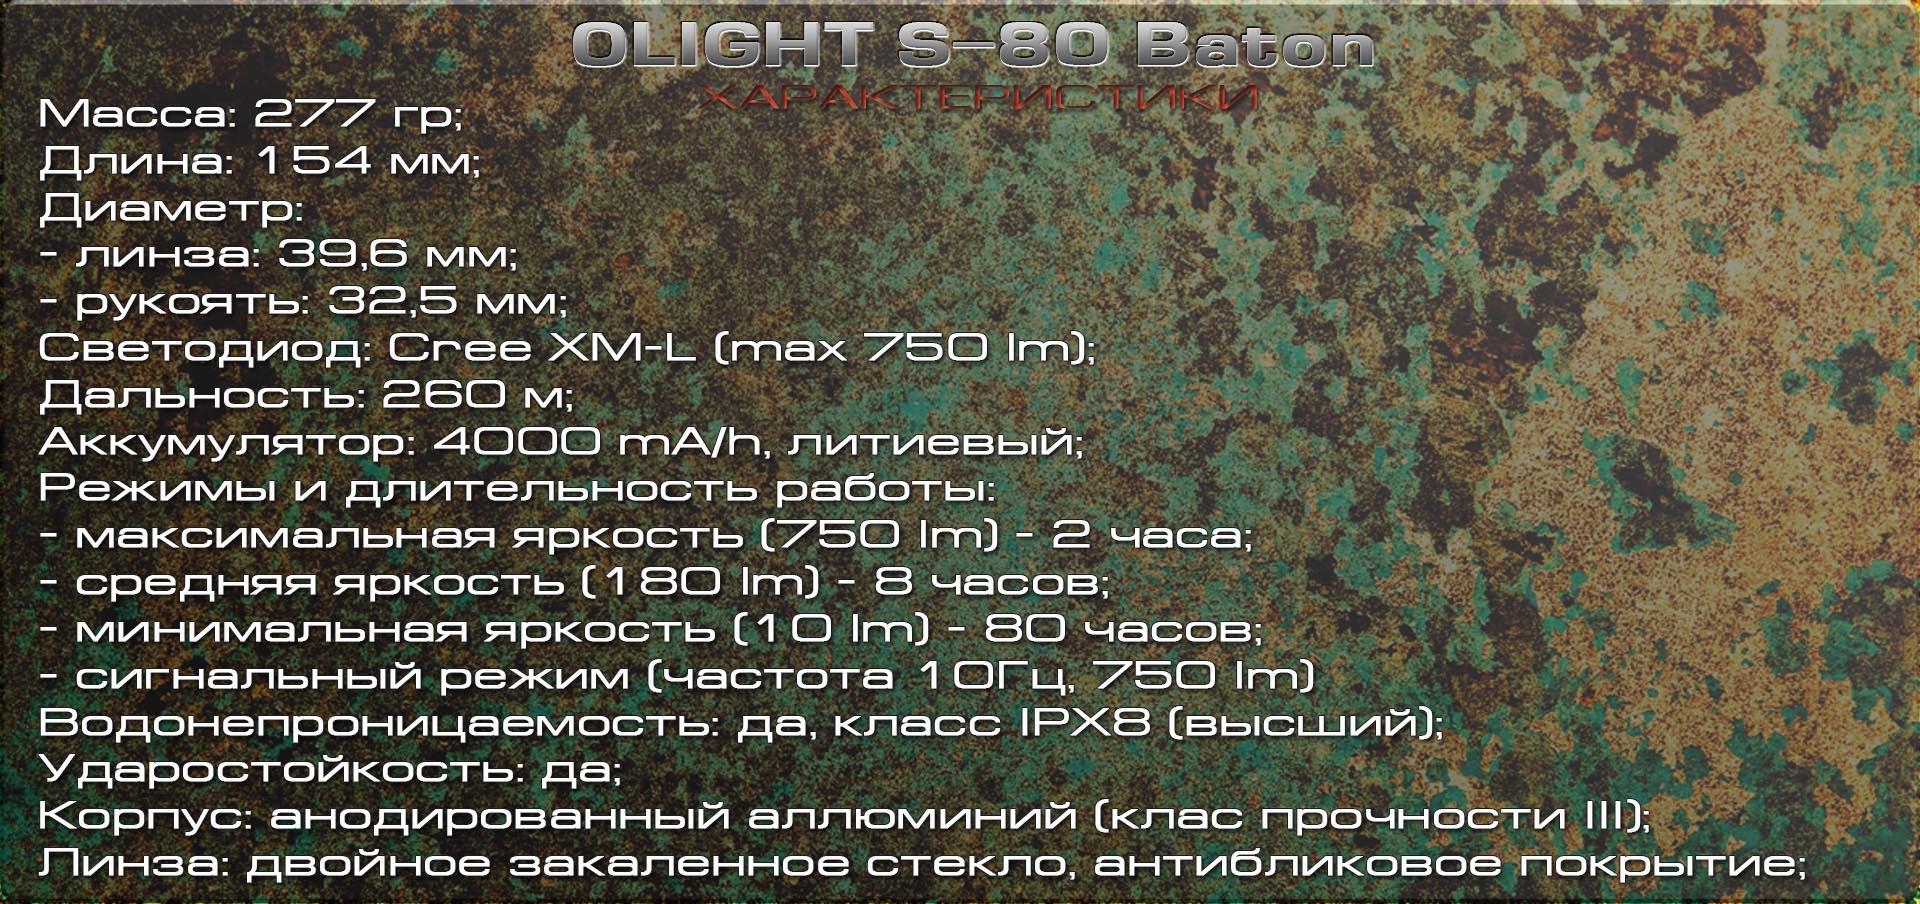 OLIGHT S80 Baton